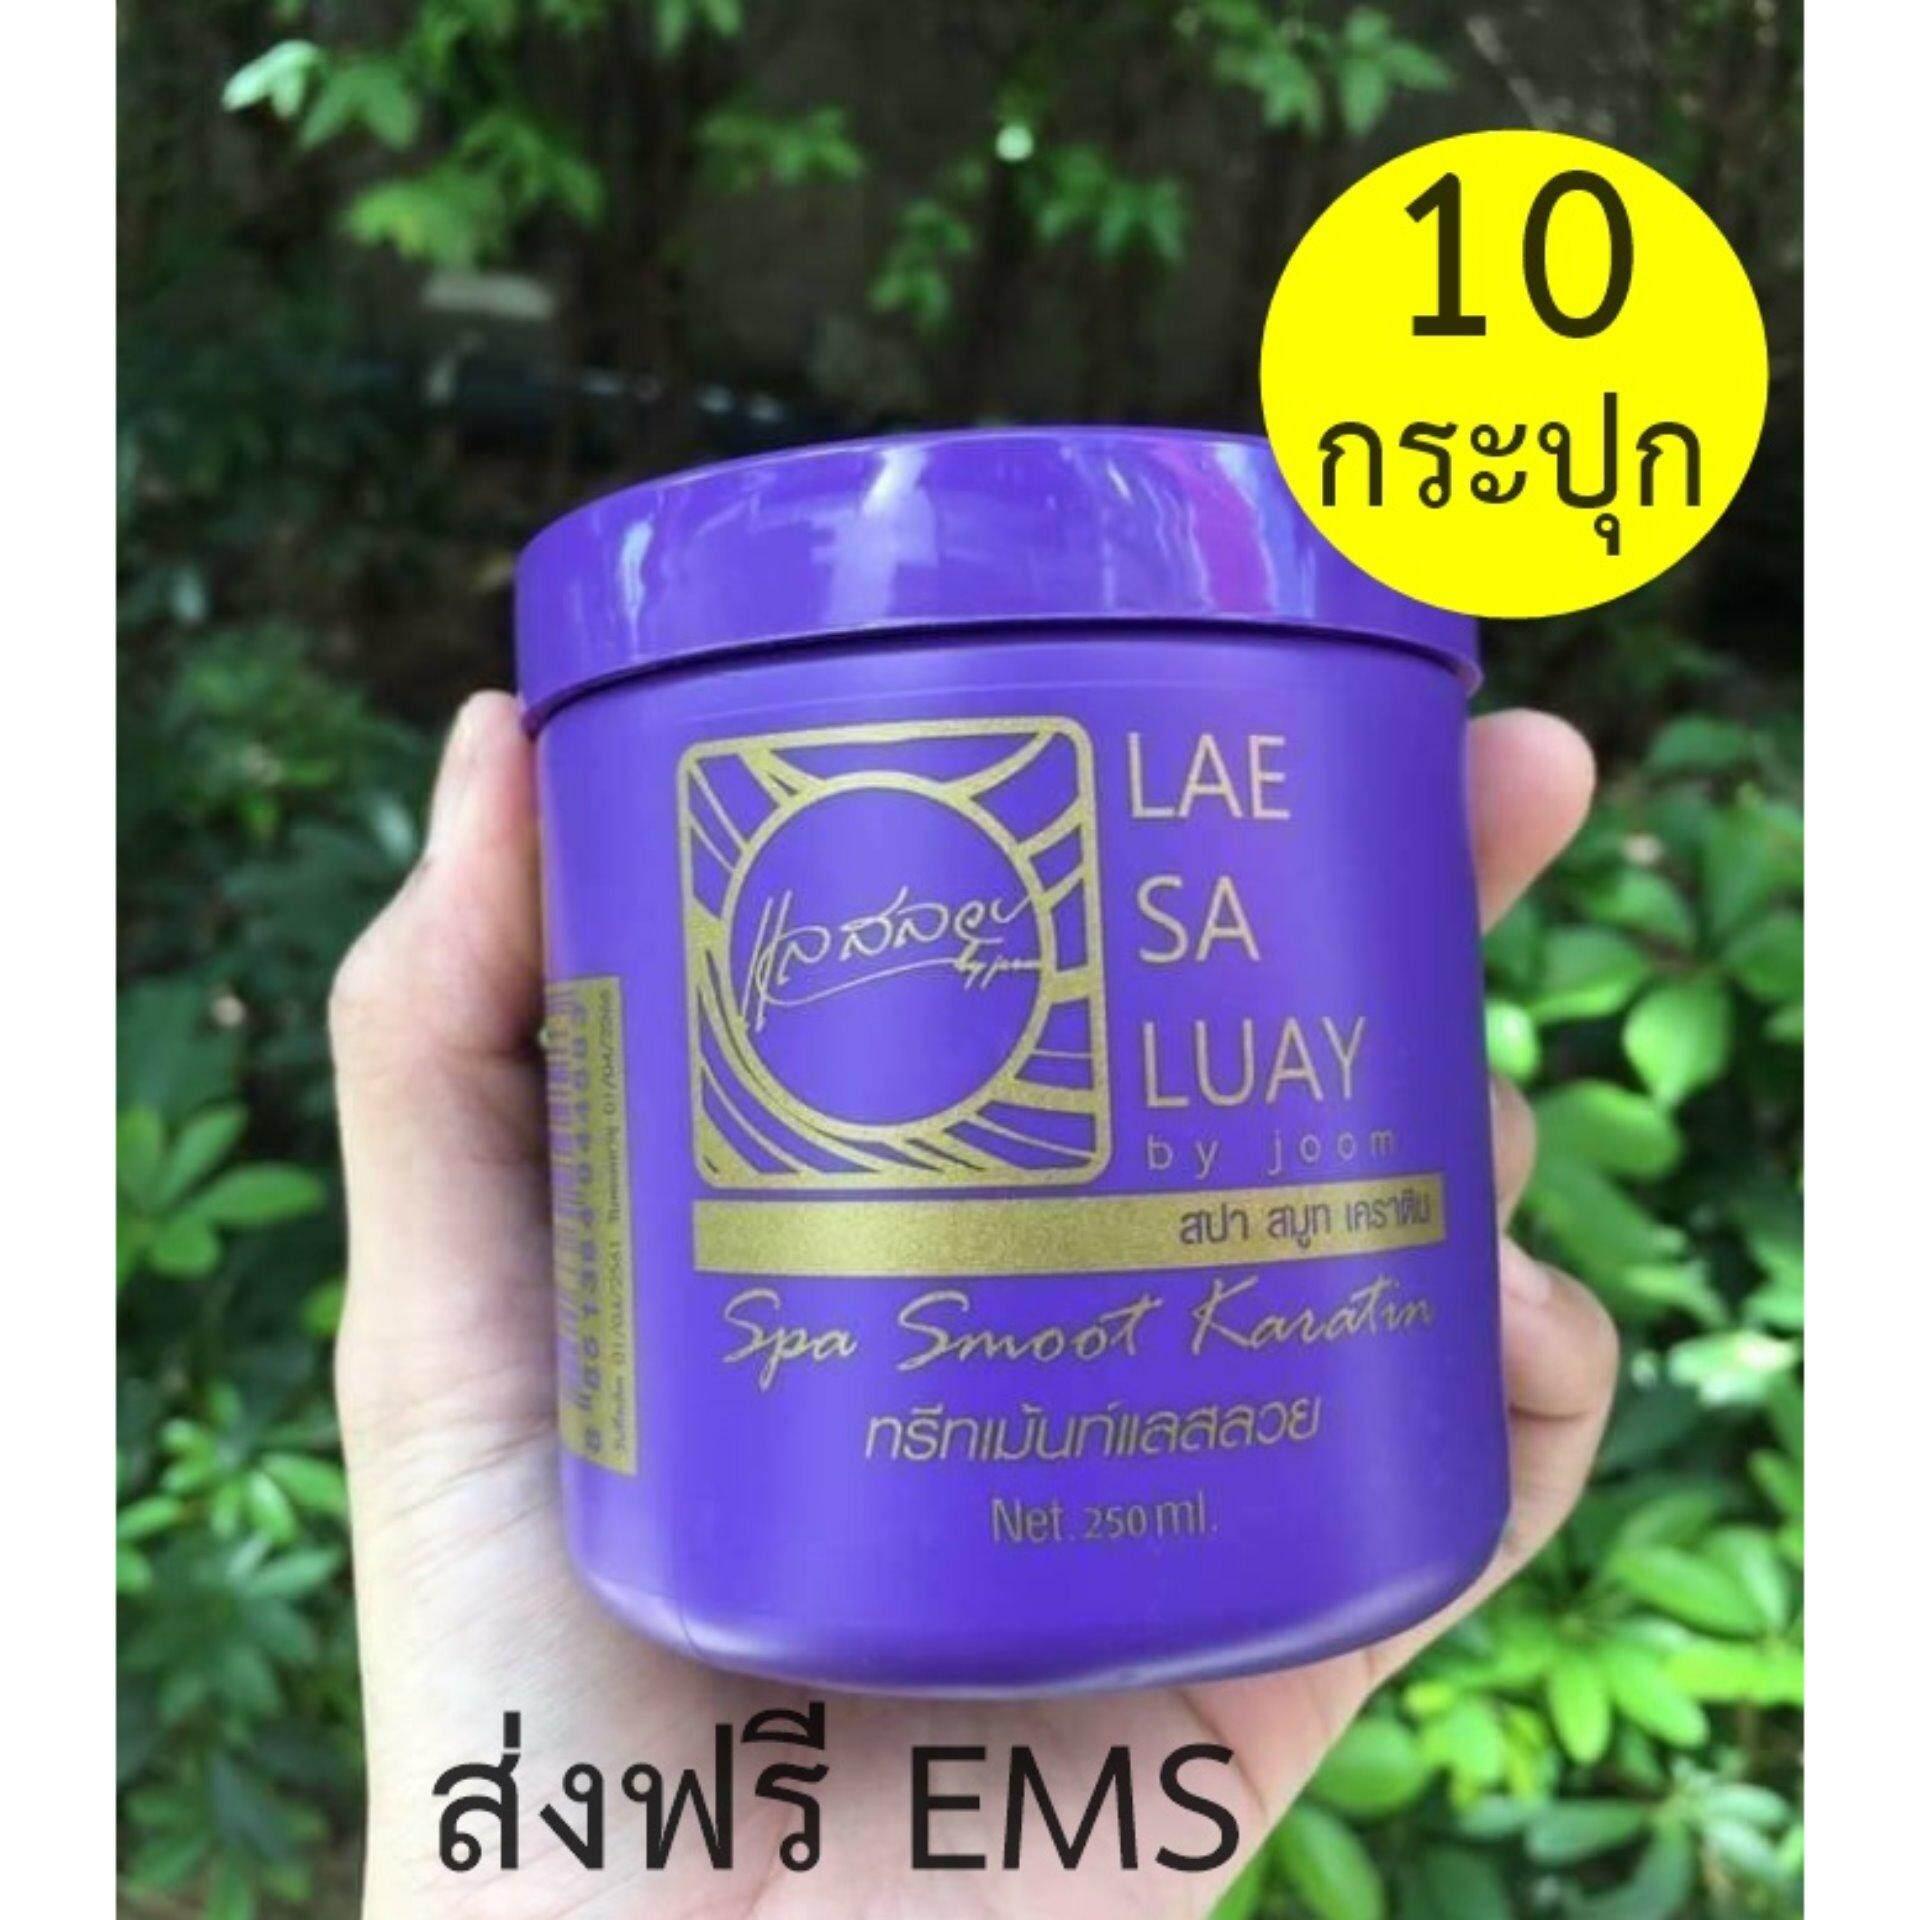 (10 กระปุก) Lae Sa Luay by joom ทรีทเม้นท์แลสลวย สปาชาโคล (ขนาด 250 กรัม/กระปุก)